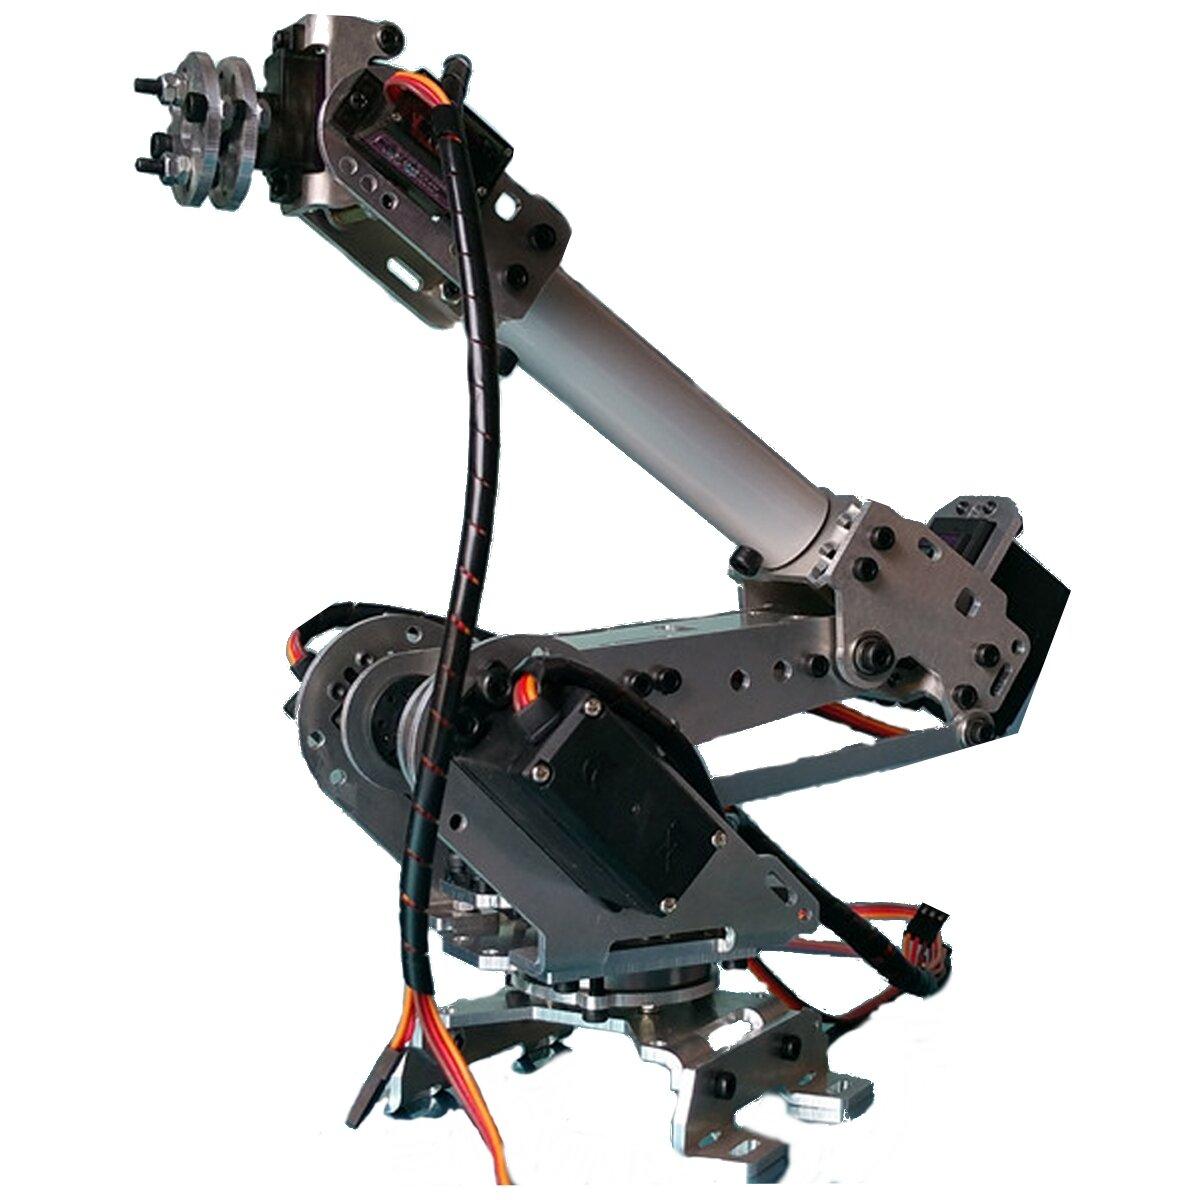 6DOF Griffe Mécanique de Bras de Robot avec Servos pour Robotics Arduino Kit de Bricolage